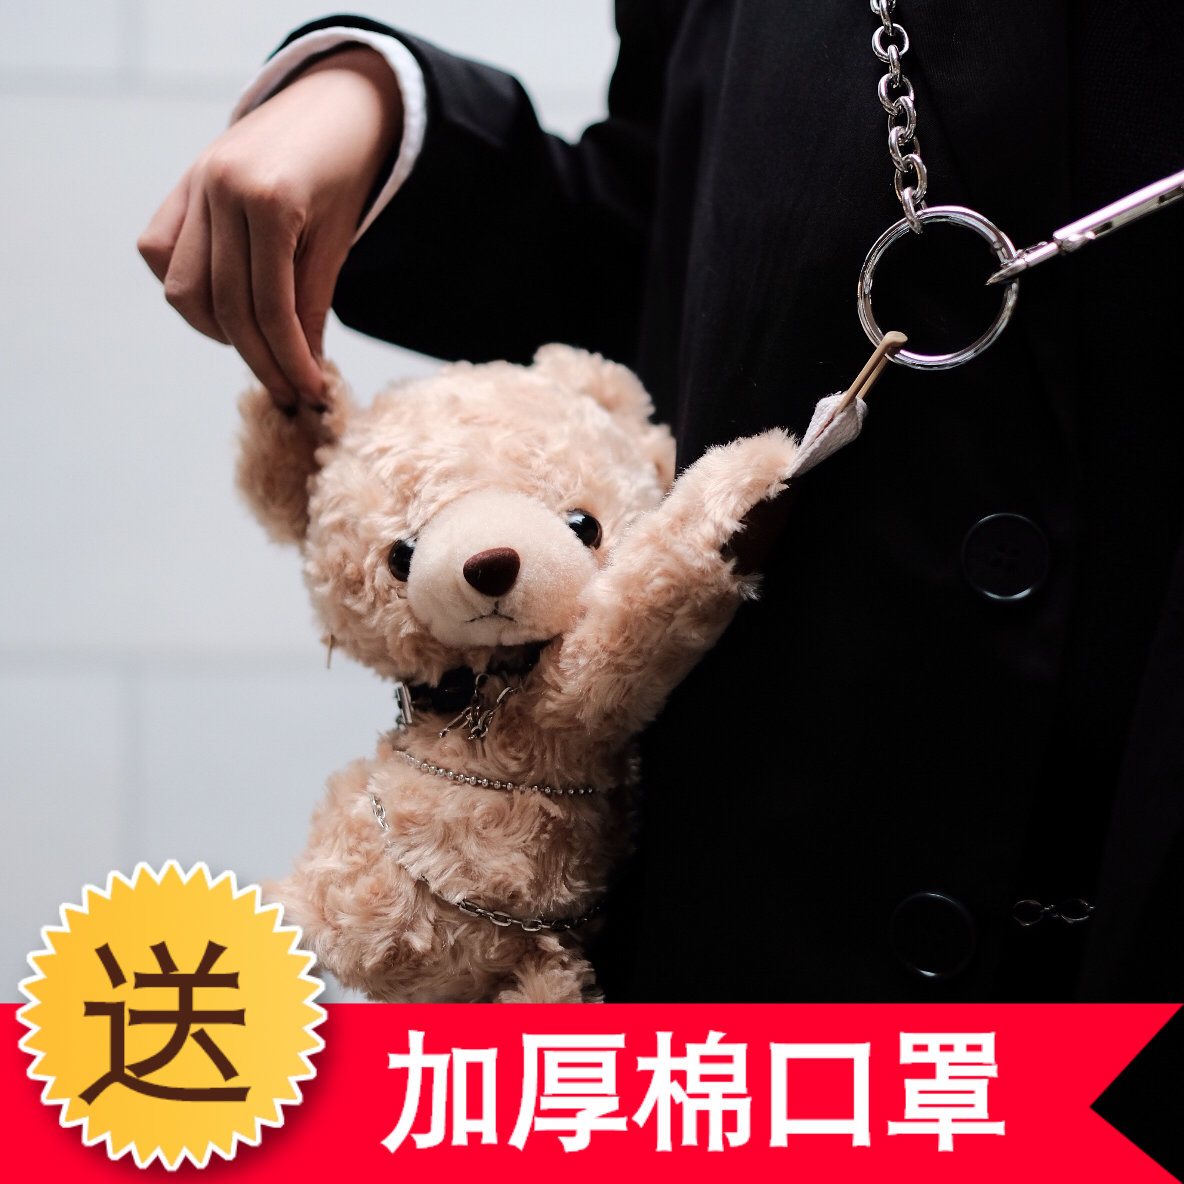 女潮2019新款包包HoneyBunny創意小熊老虎包鏈條包休閑街頭蹦迪包